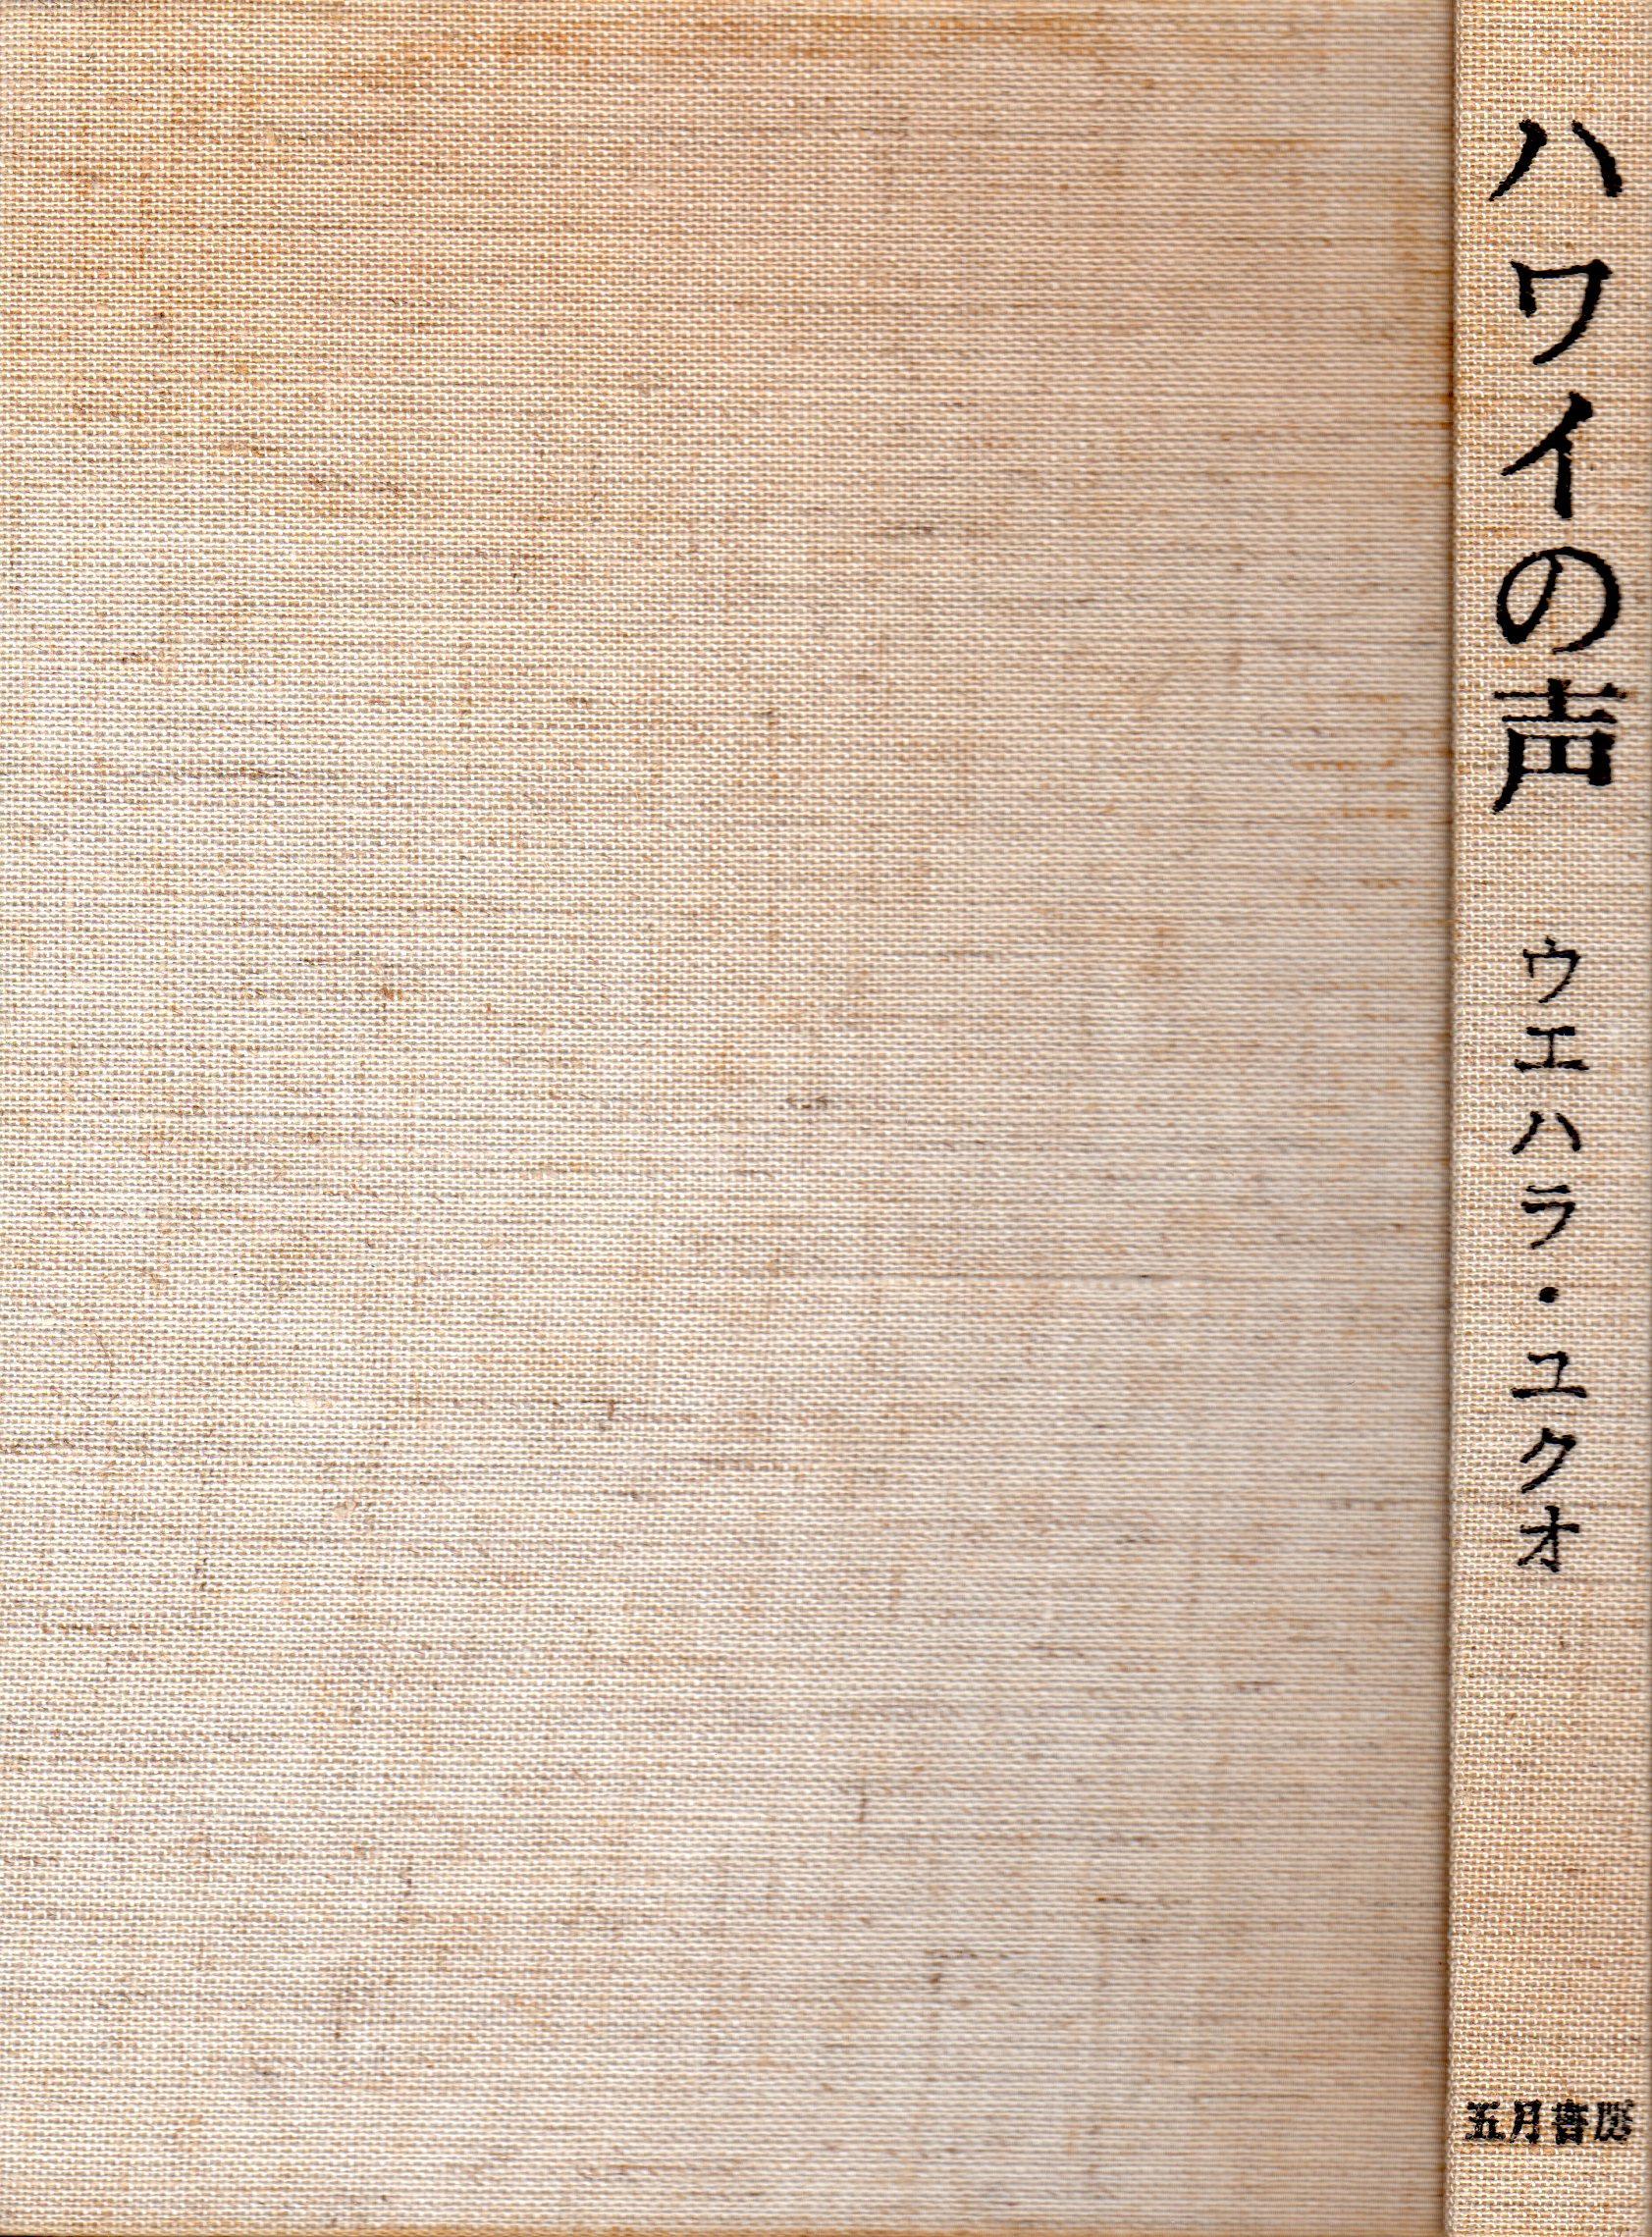 ハワイの声 -日系米人の随想録ー ブックカバー